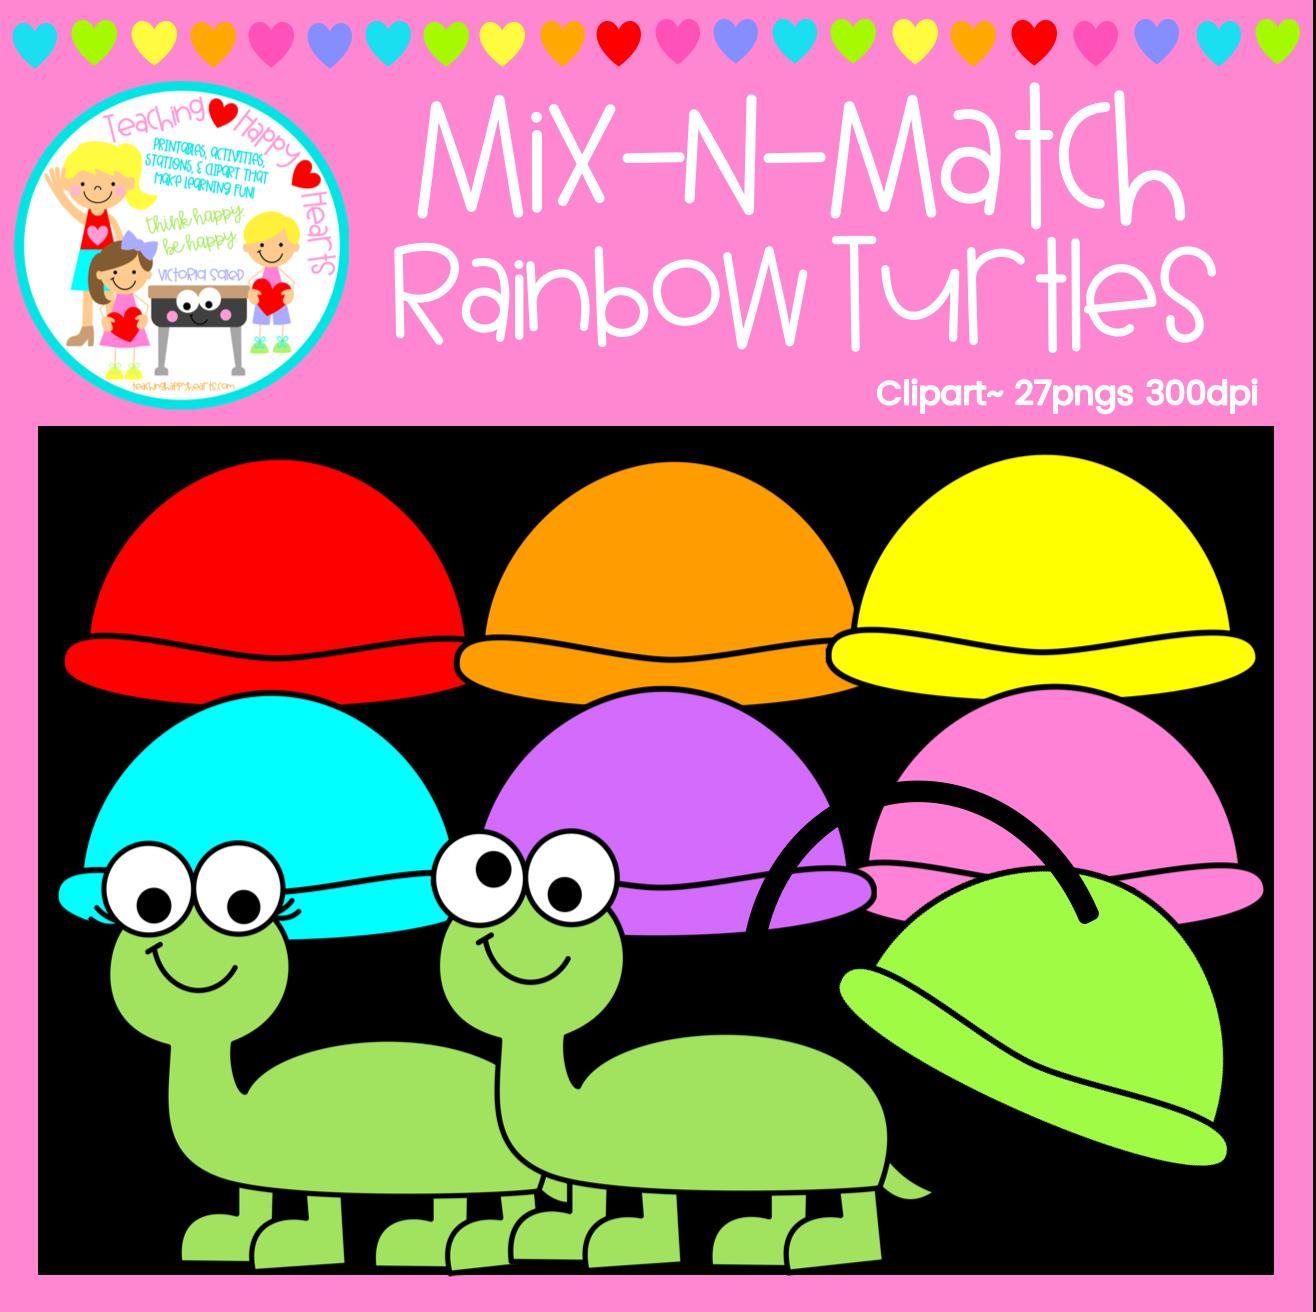 Turtles Clipart Clip Art Rainbow Boys Turtle Images [ 1312 x 1316 Pixel ]